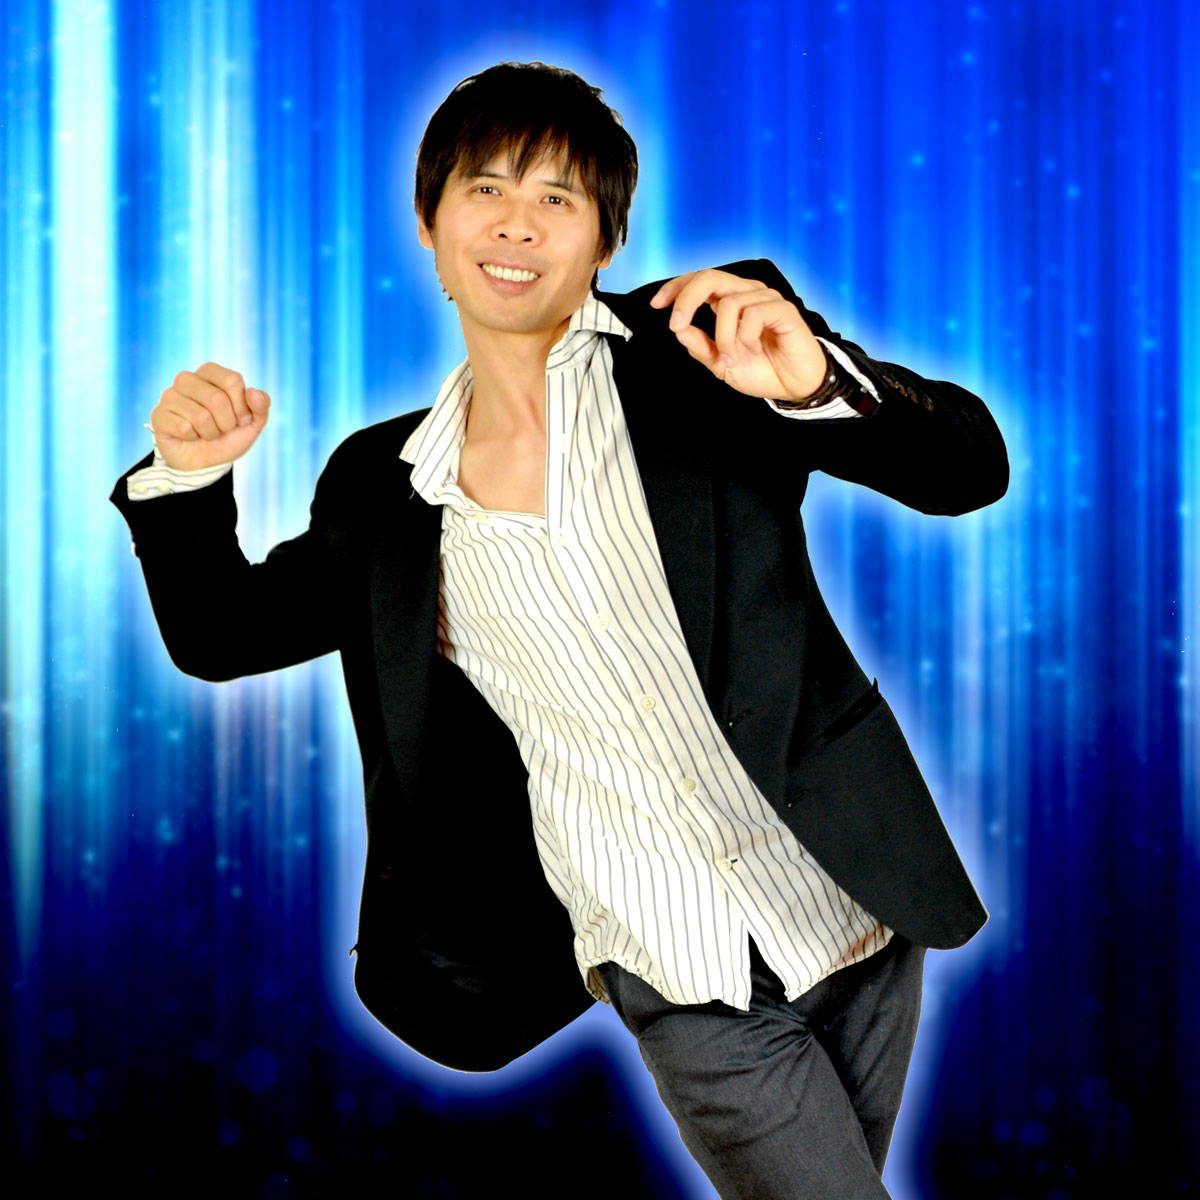 Club Dance Instructor